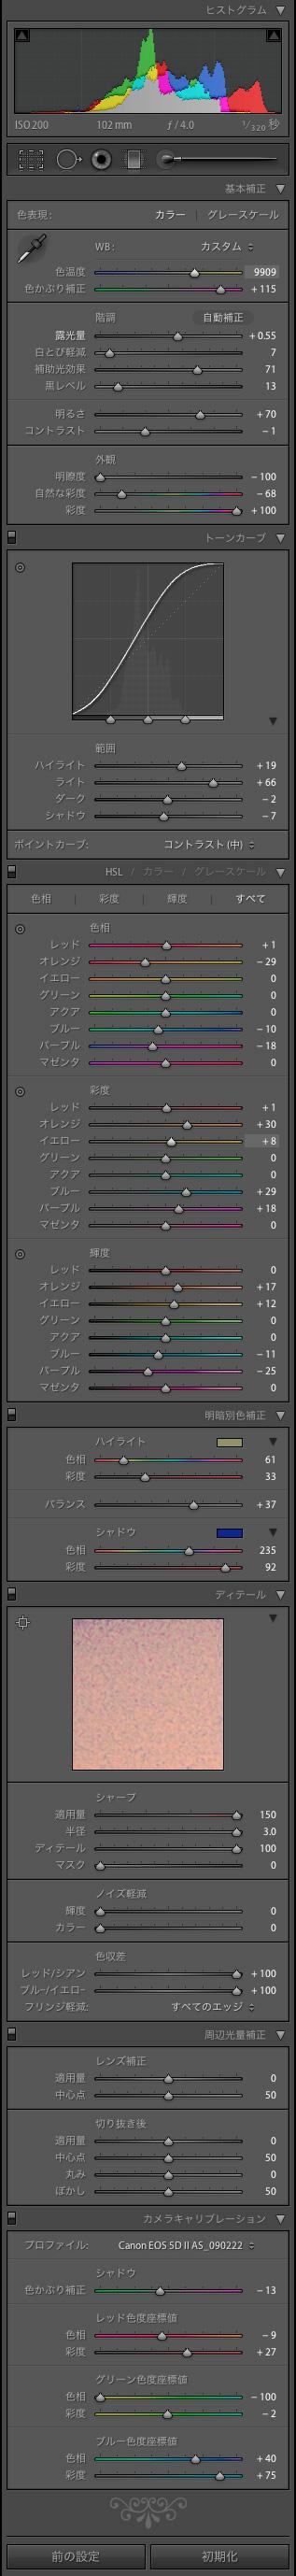 Lightroomテキトー設定_f0077521_1818144.jpg